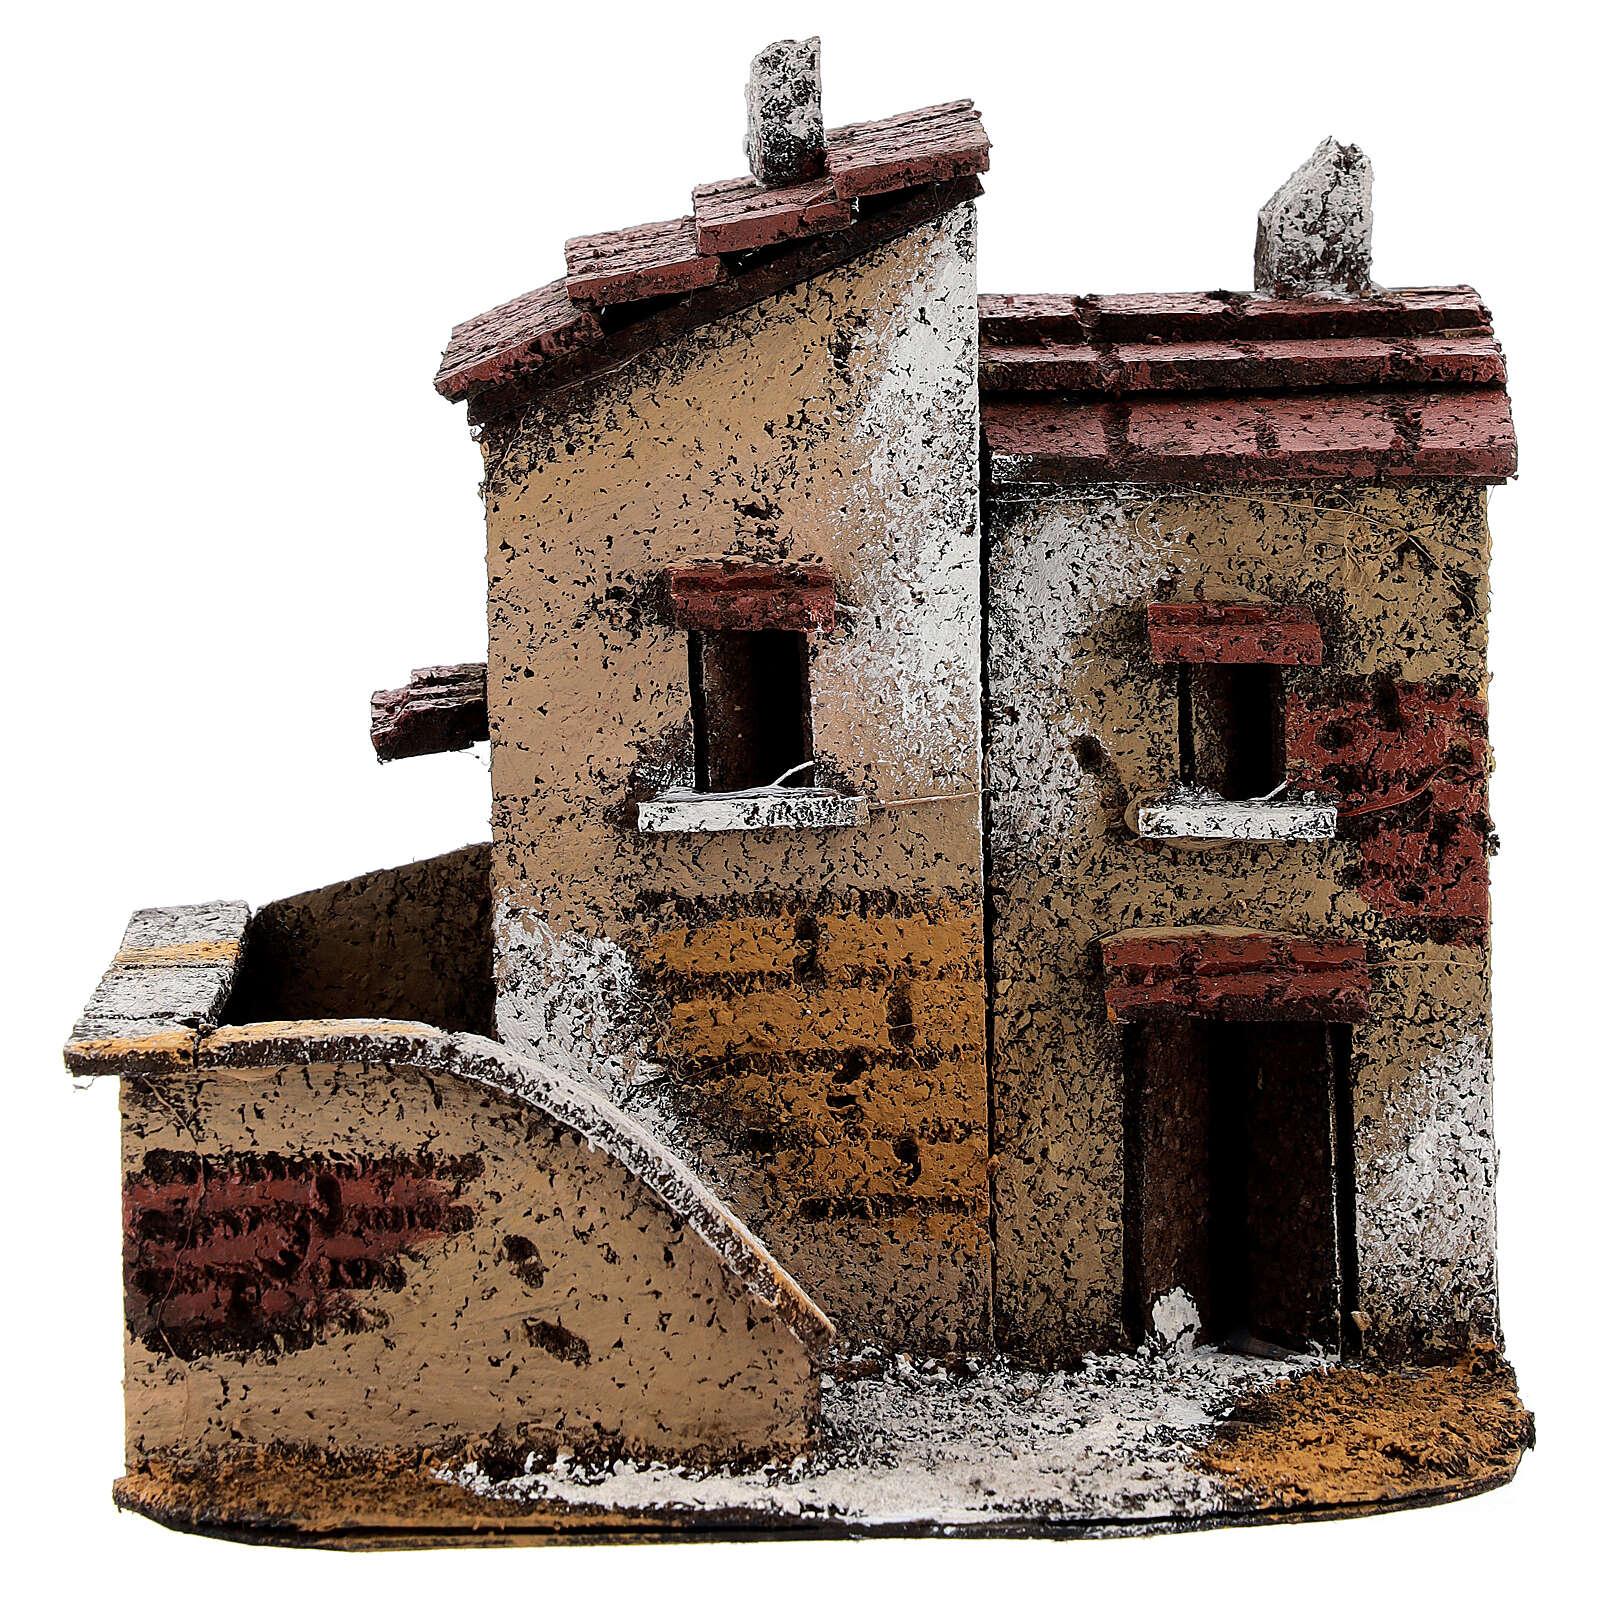 Couple maisons miniature liège 15x15x10 cm crèche napolitaine 3 cm 4